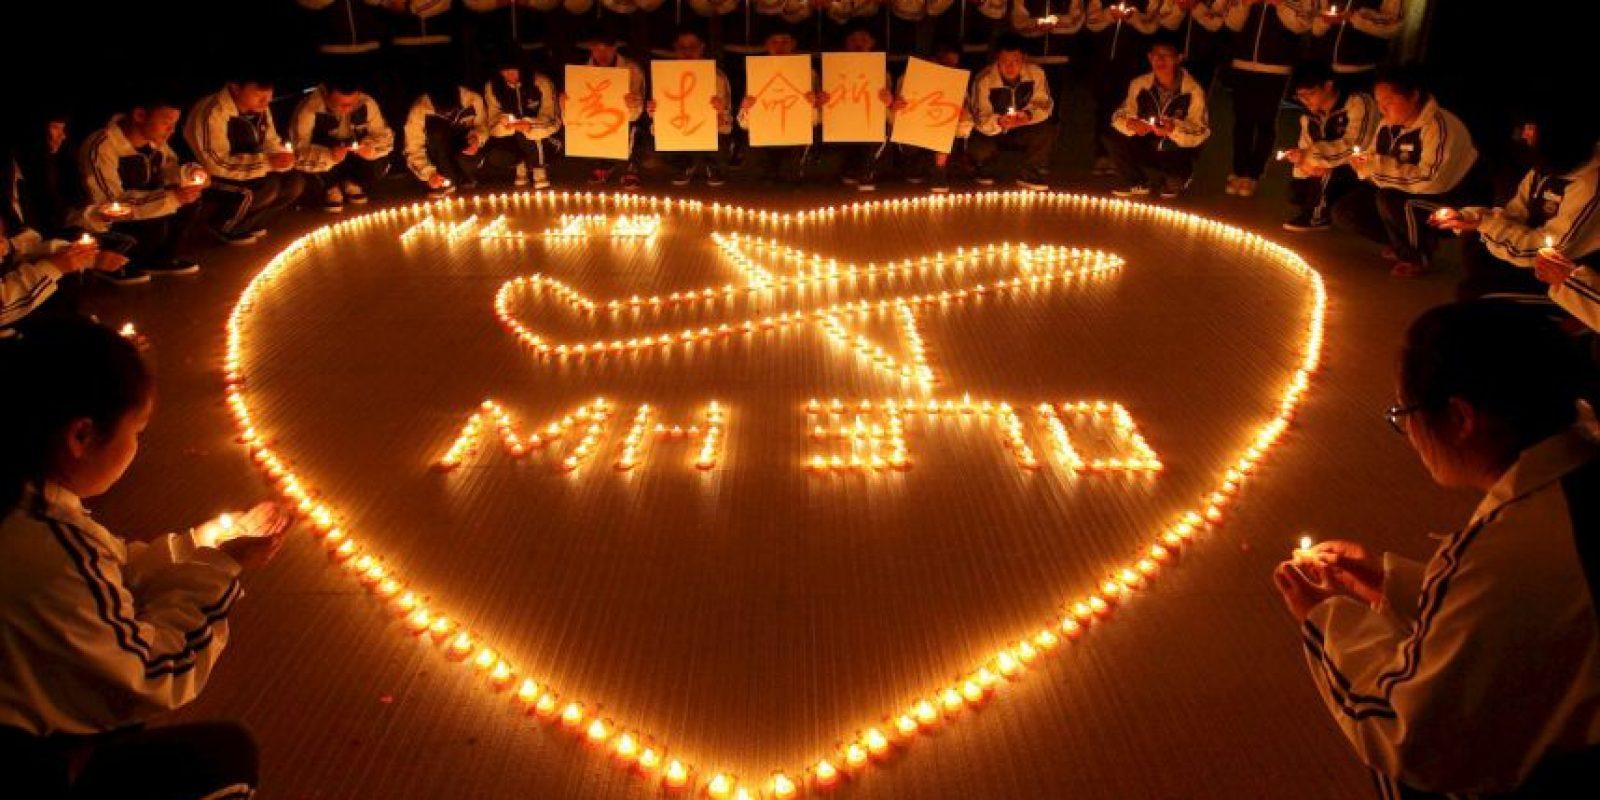 Desaparece el vuelo MH 370 de Malaysia Airlines con 239 personas a bordo. Hasta el momento no ha sido encontrado. Foto:Getty Images